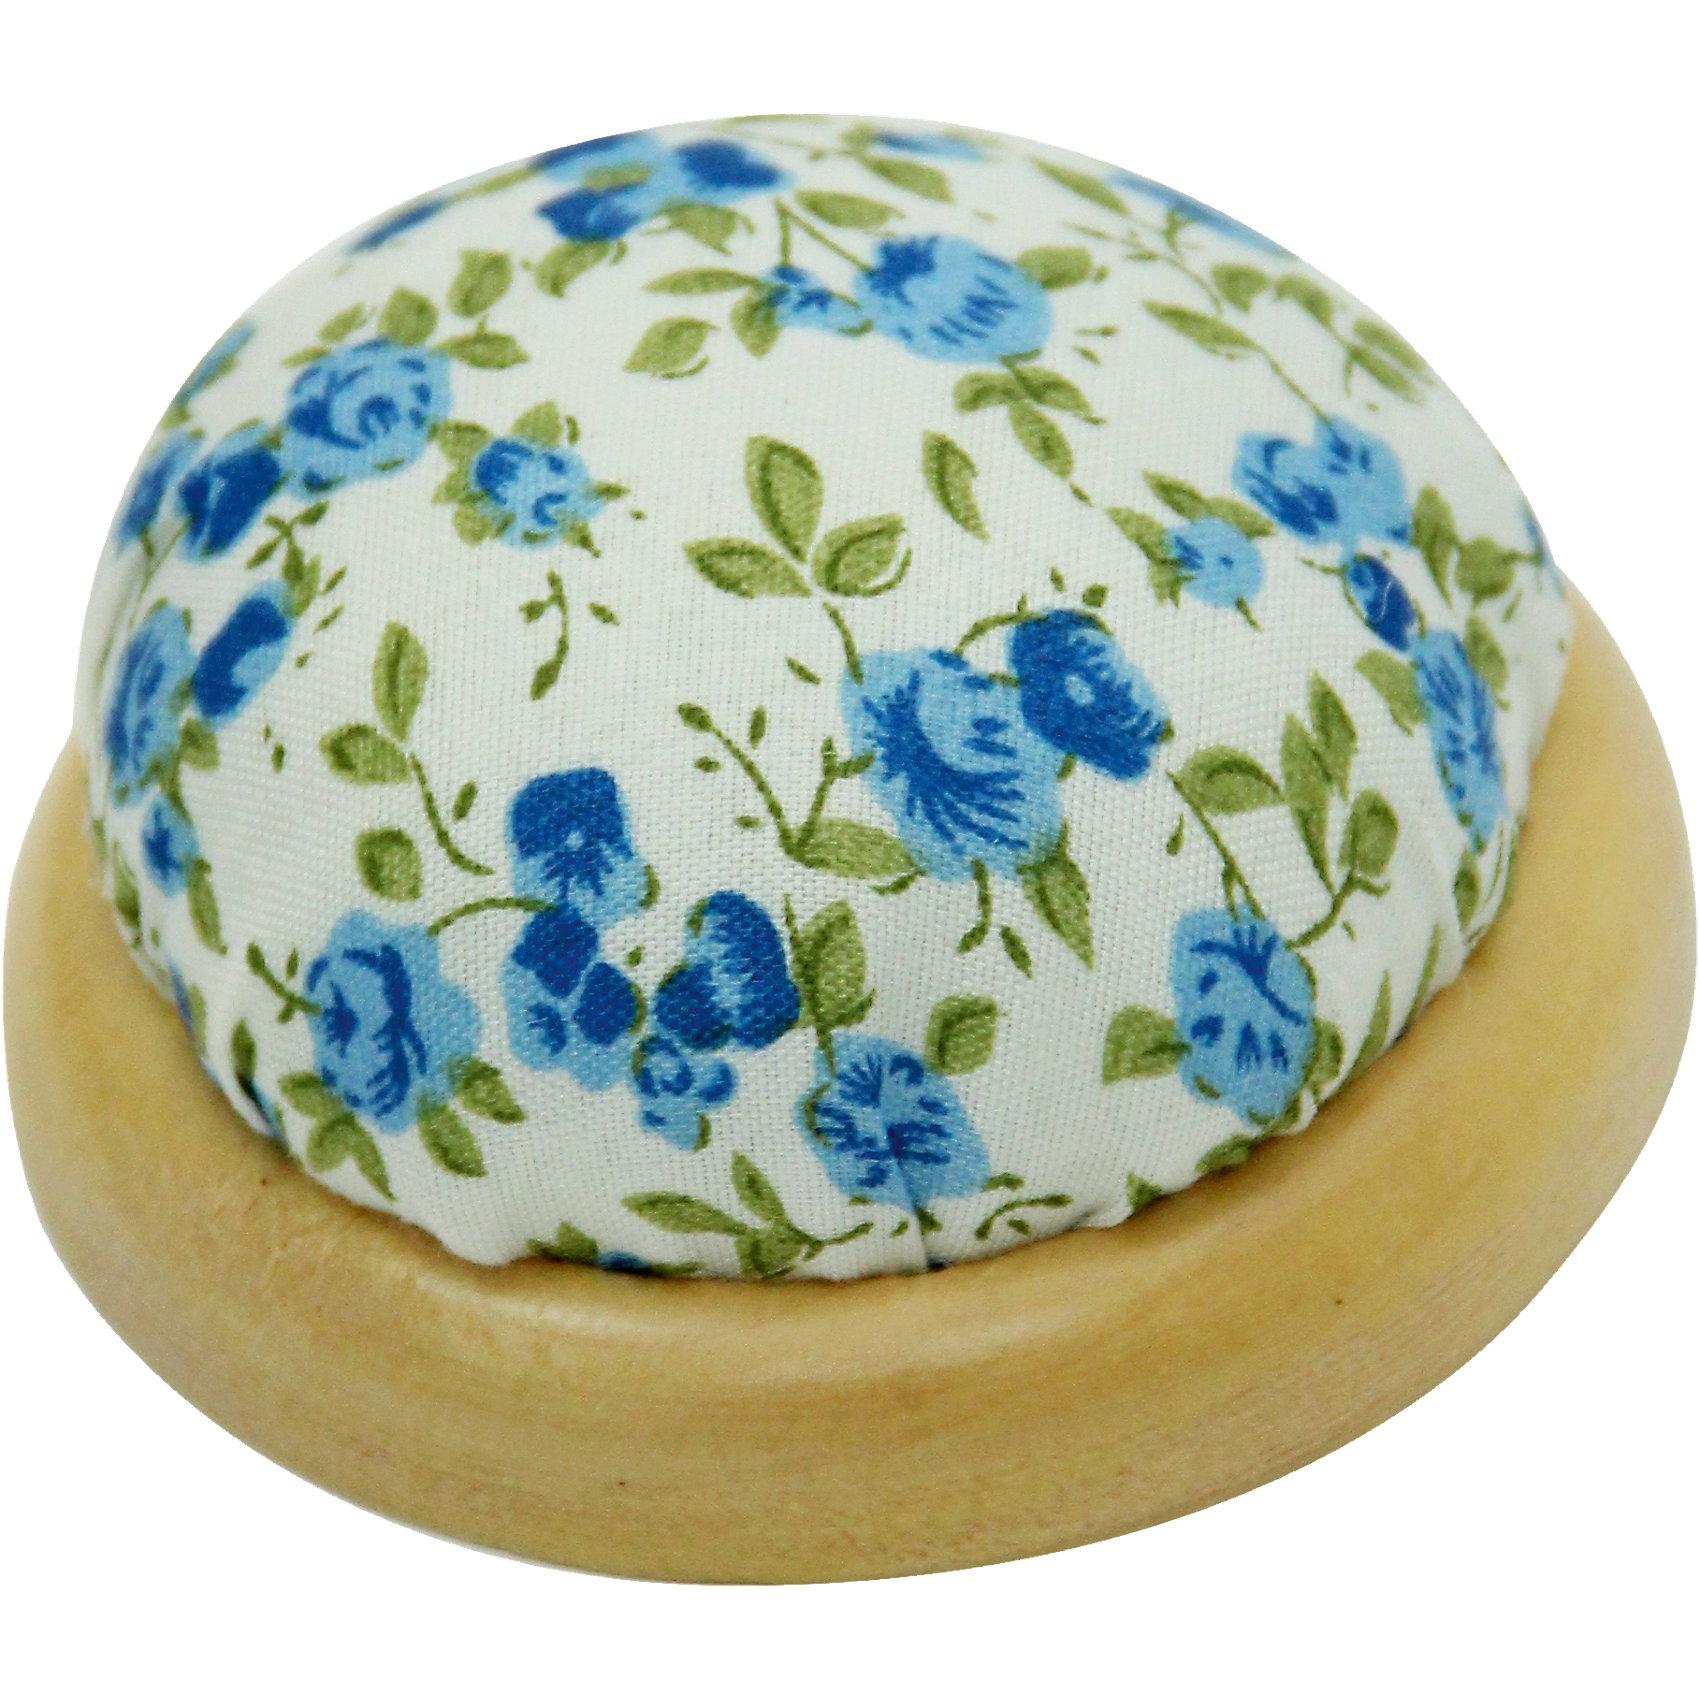 Игольница-подушечка Голубые цветы 7,3*4,5 смИгольница-подушечка - прекрасный подарок, который понравится любой рукодельнице! Игольница выполнена из прочного текстильного материала, украшенного нежным цветочным принтом. Подставка из дерева удобная и устойчивая. Прекрасный вариант для памятного сувенира!<br><br>Дополнительная информация:<br><br>- Материал: синтетический хлопок, полиэстер, древесина вишни.<br>- Размер: 7,3х4,5 см.<br><br>Игольницу-подушечку Голубые цветы, 7,3х4,5 см, можно купить в нашем магазине.<br><br>Ширина мм: 73<br>Глубина мм: 45<br>Высота мм: 45<br>Вес г: 50<br>Возраст от месяцев: 108<br>Возраст до месяцев: 2147483647<br>Пол: Женский<br>Возраст: Детский<br>SKU: 4548395